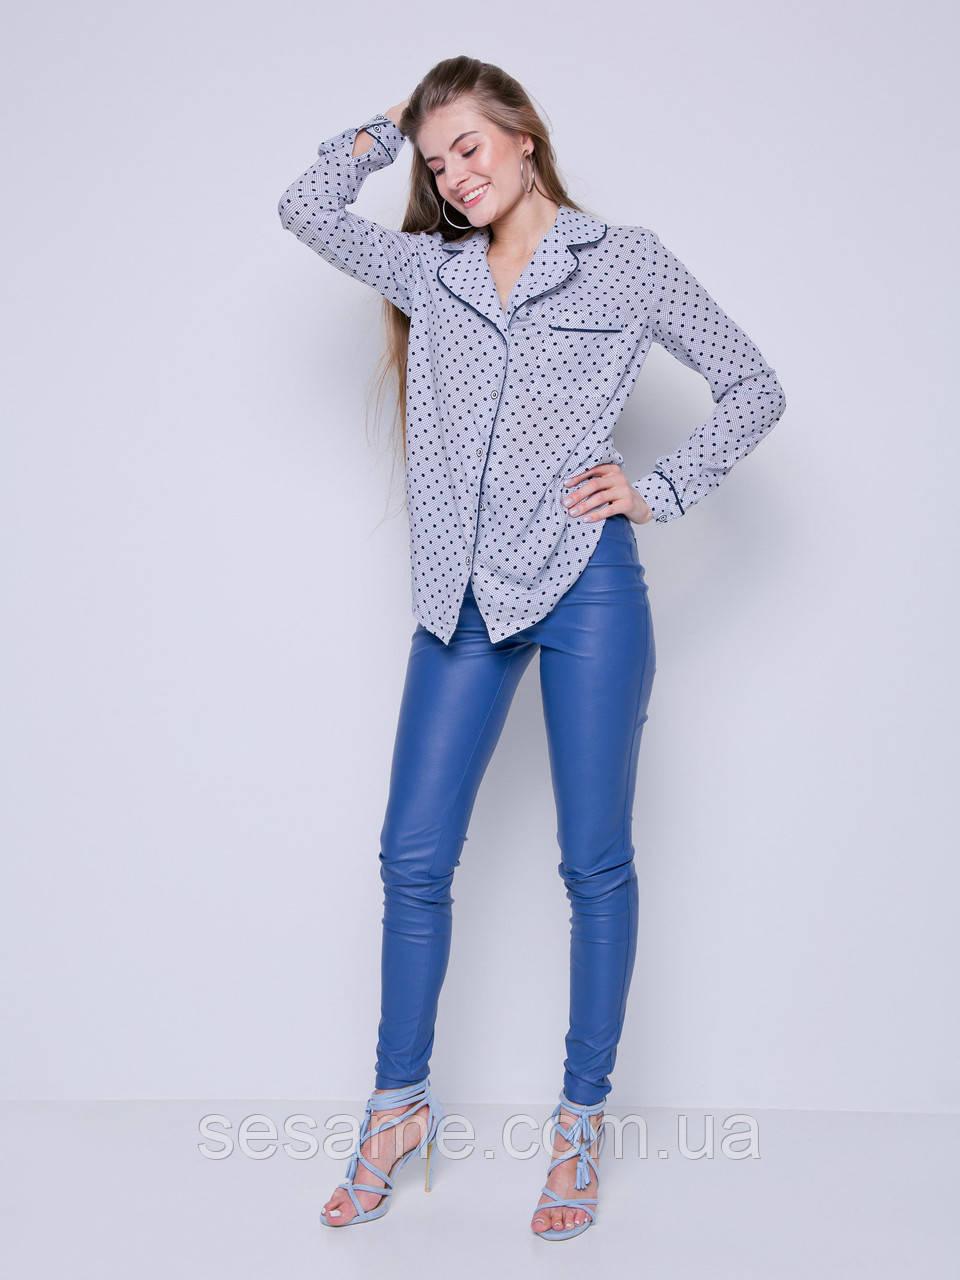 grand ua Аврелия блуза